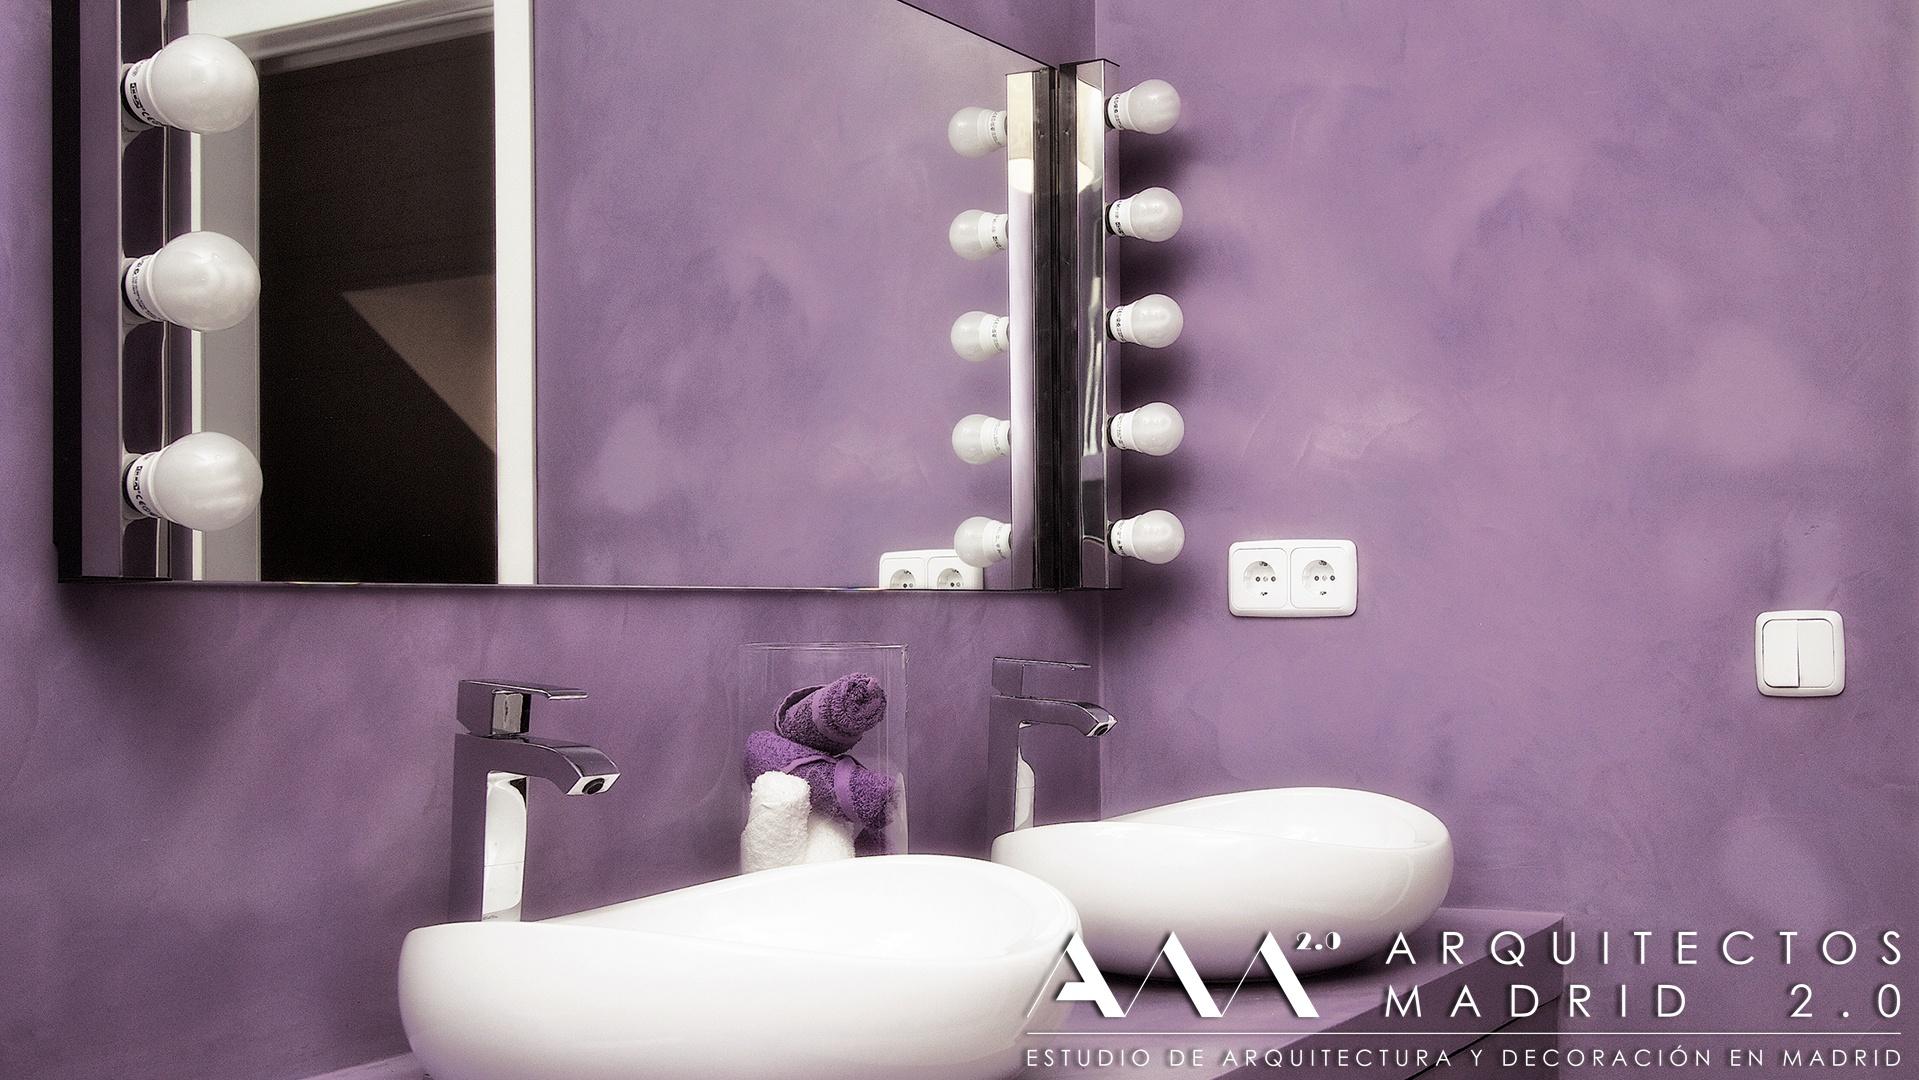 ideas-proyectos-reformas-casas-pisos-apartamentos-lofts-arquitectos-madrid-52